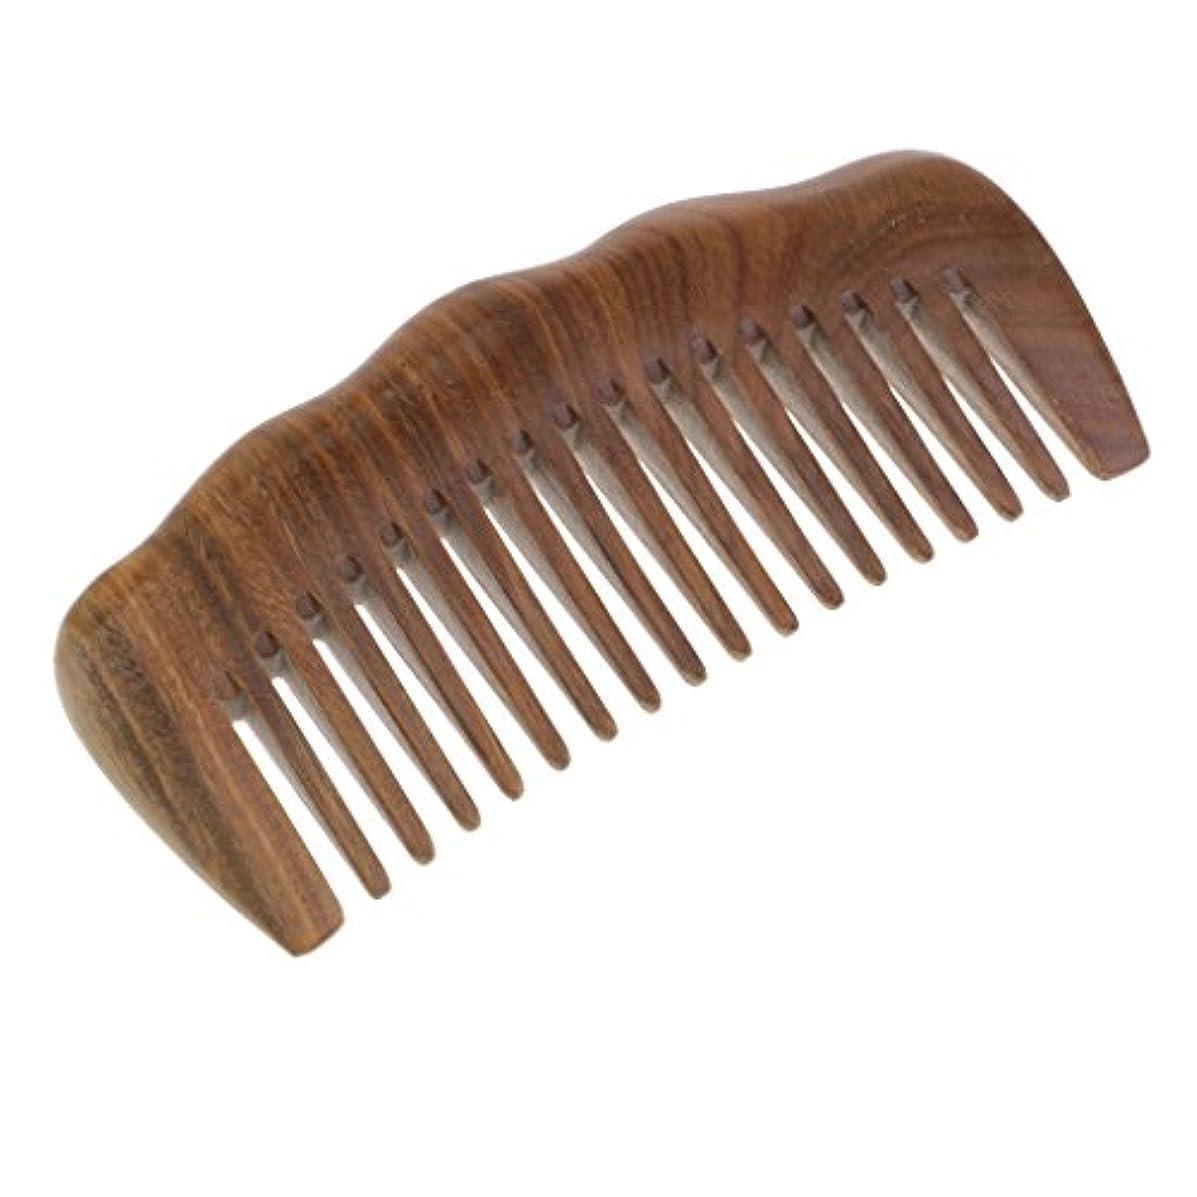 接続詞自分の思い出させる緑のビャクダンの毛の櫛 - 巻き毛のための広い歯の木のもつれ解除の櫛 - いいえ静的で自然な香りの木製の櫛